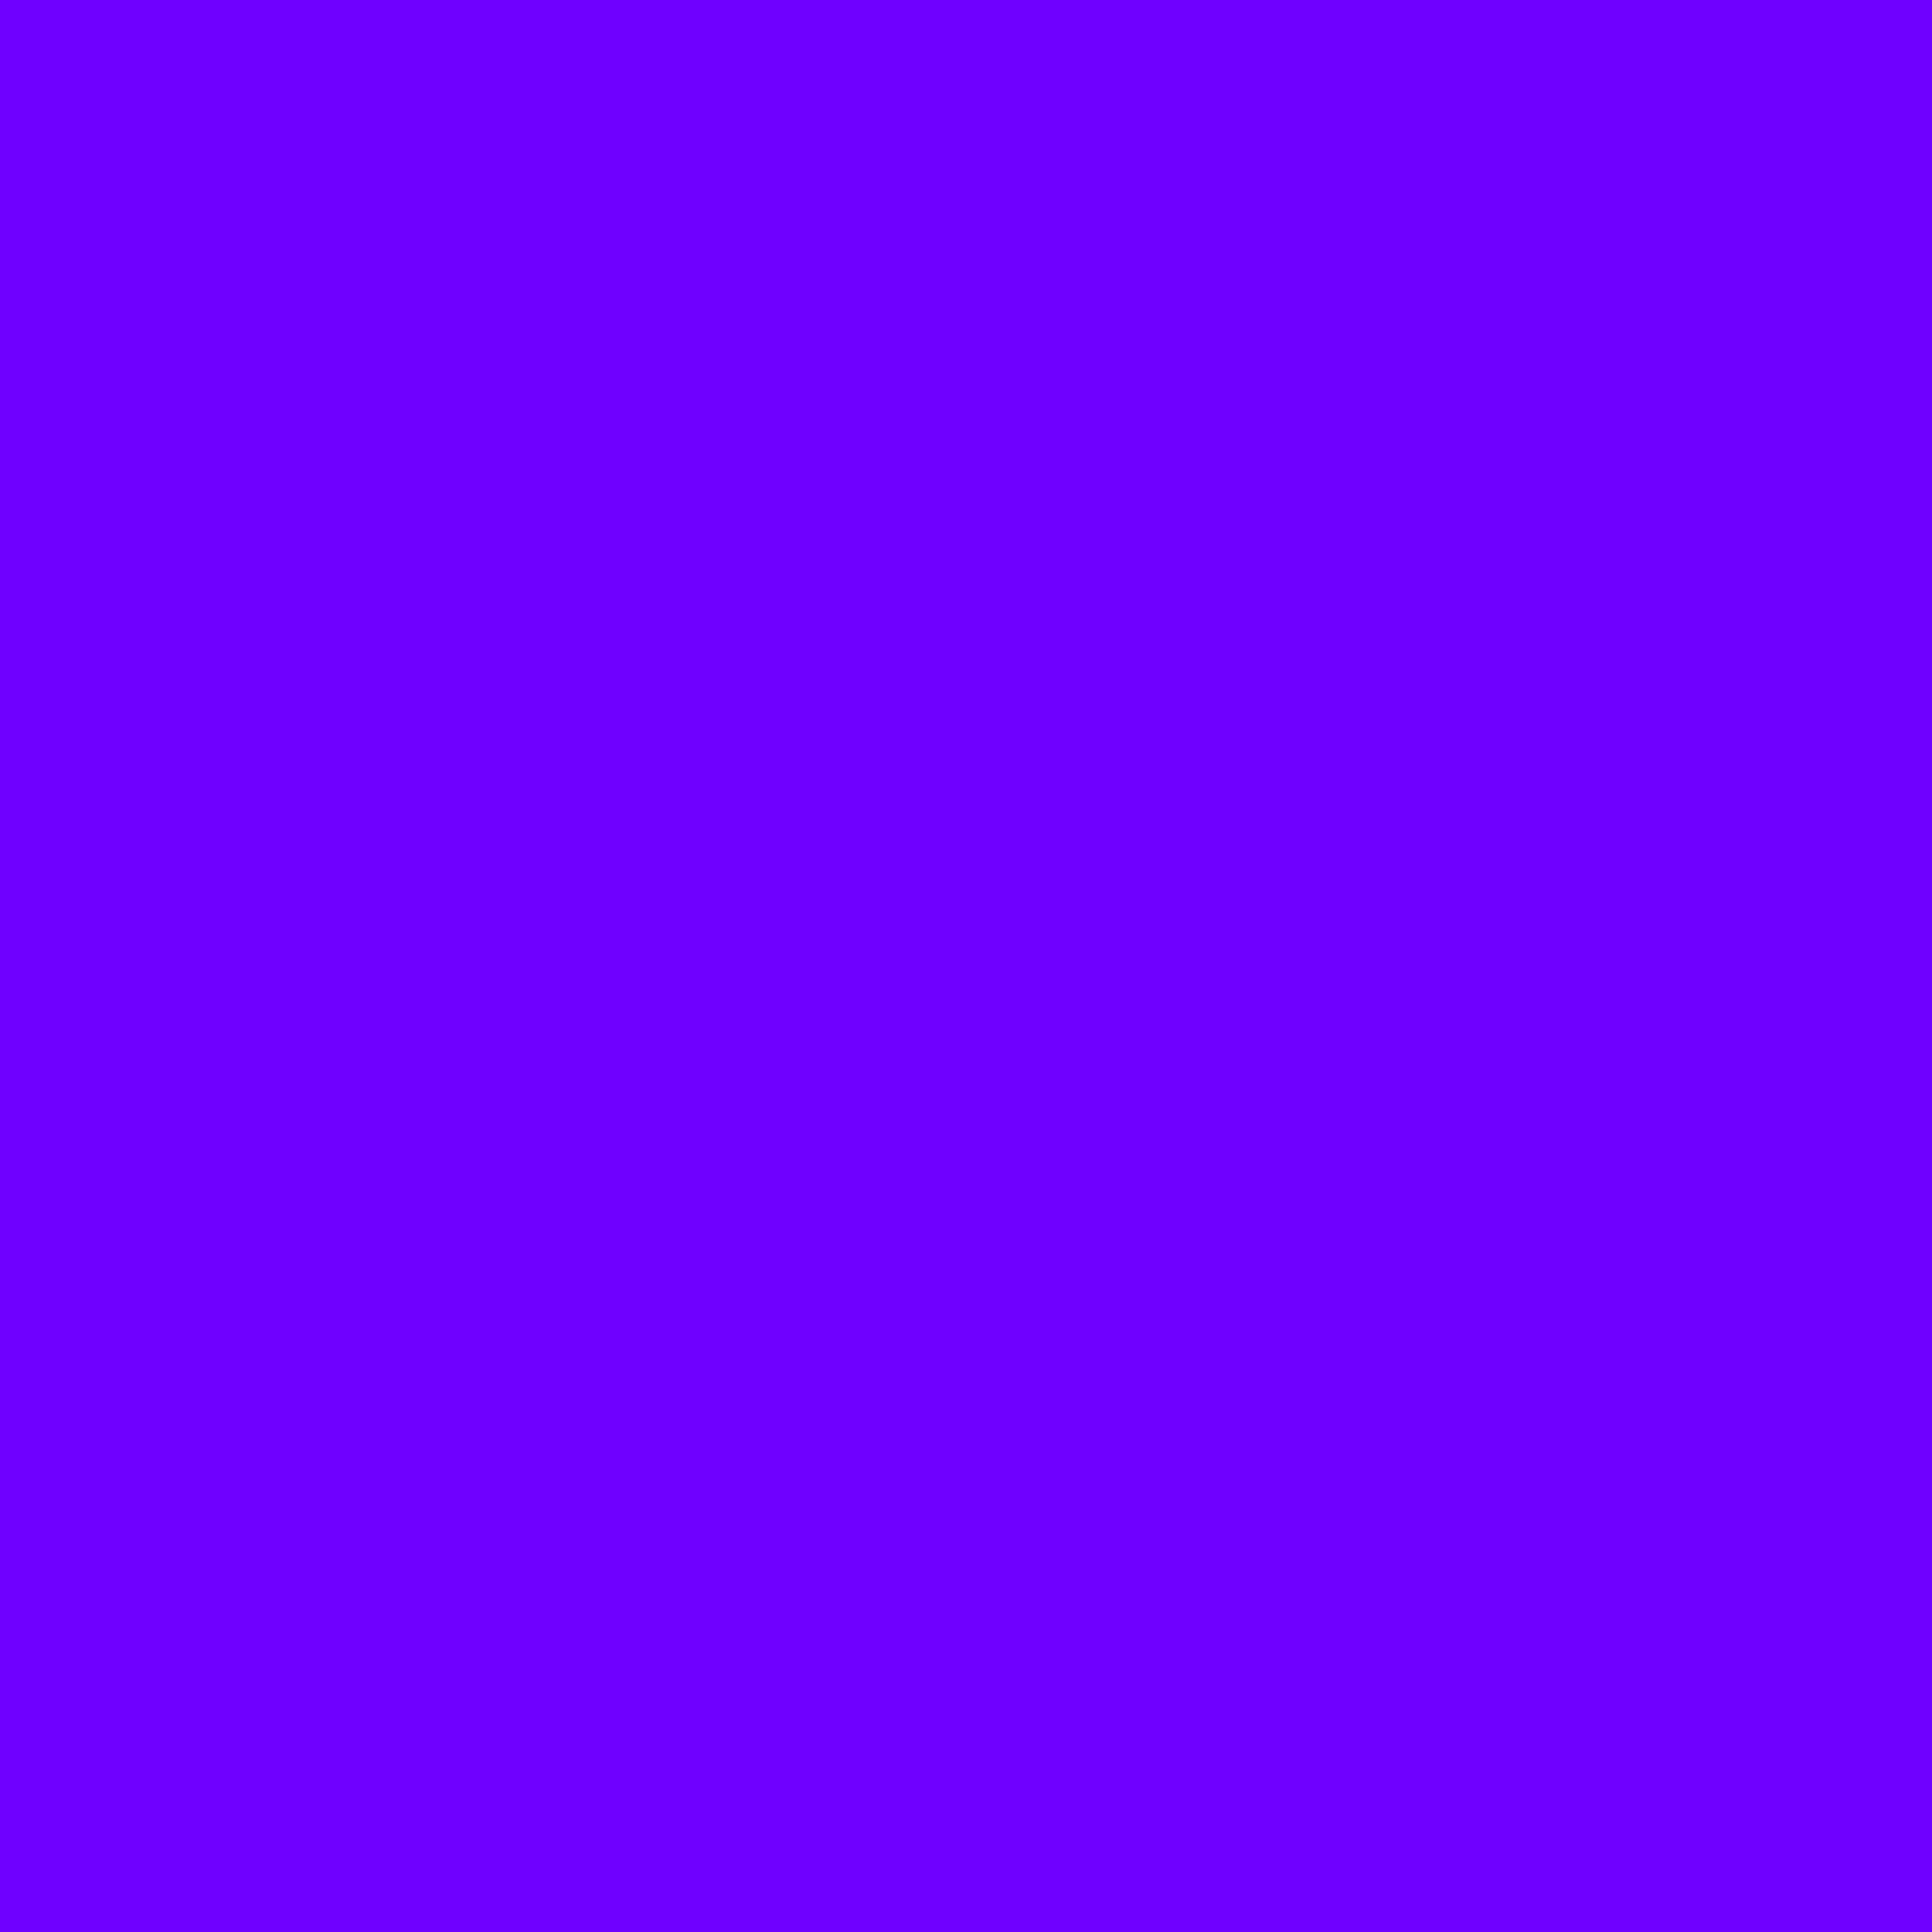 2048x2048 Indigo Solid Color Background